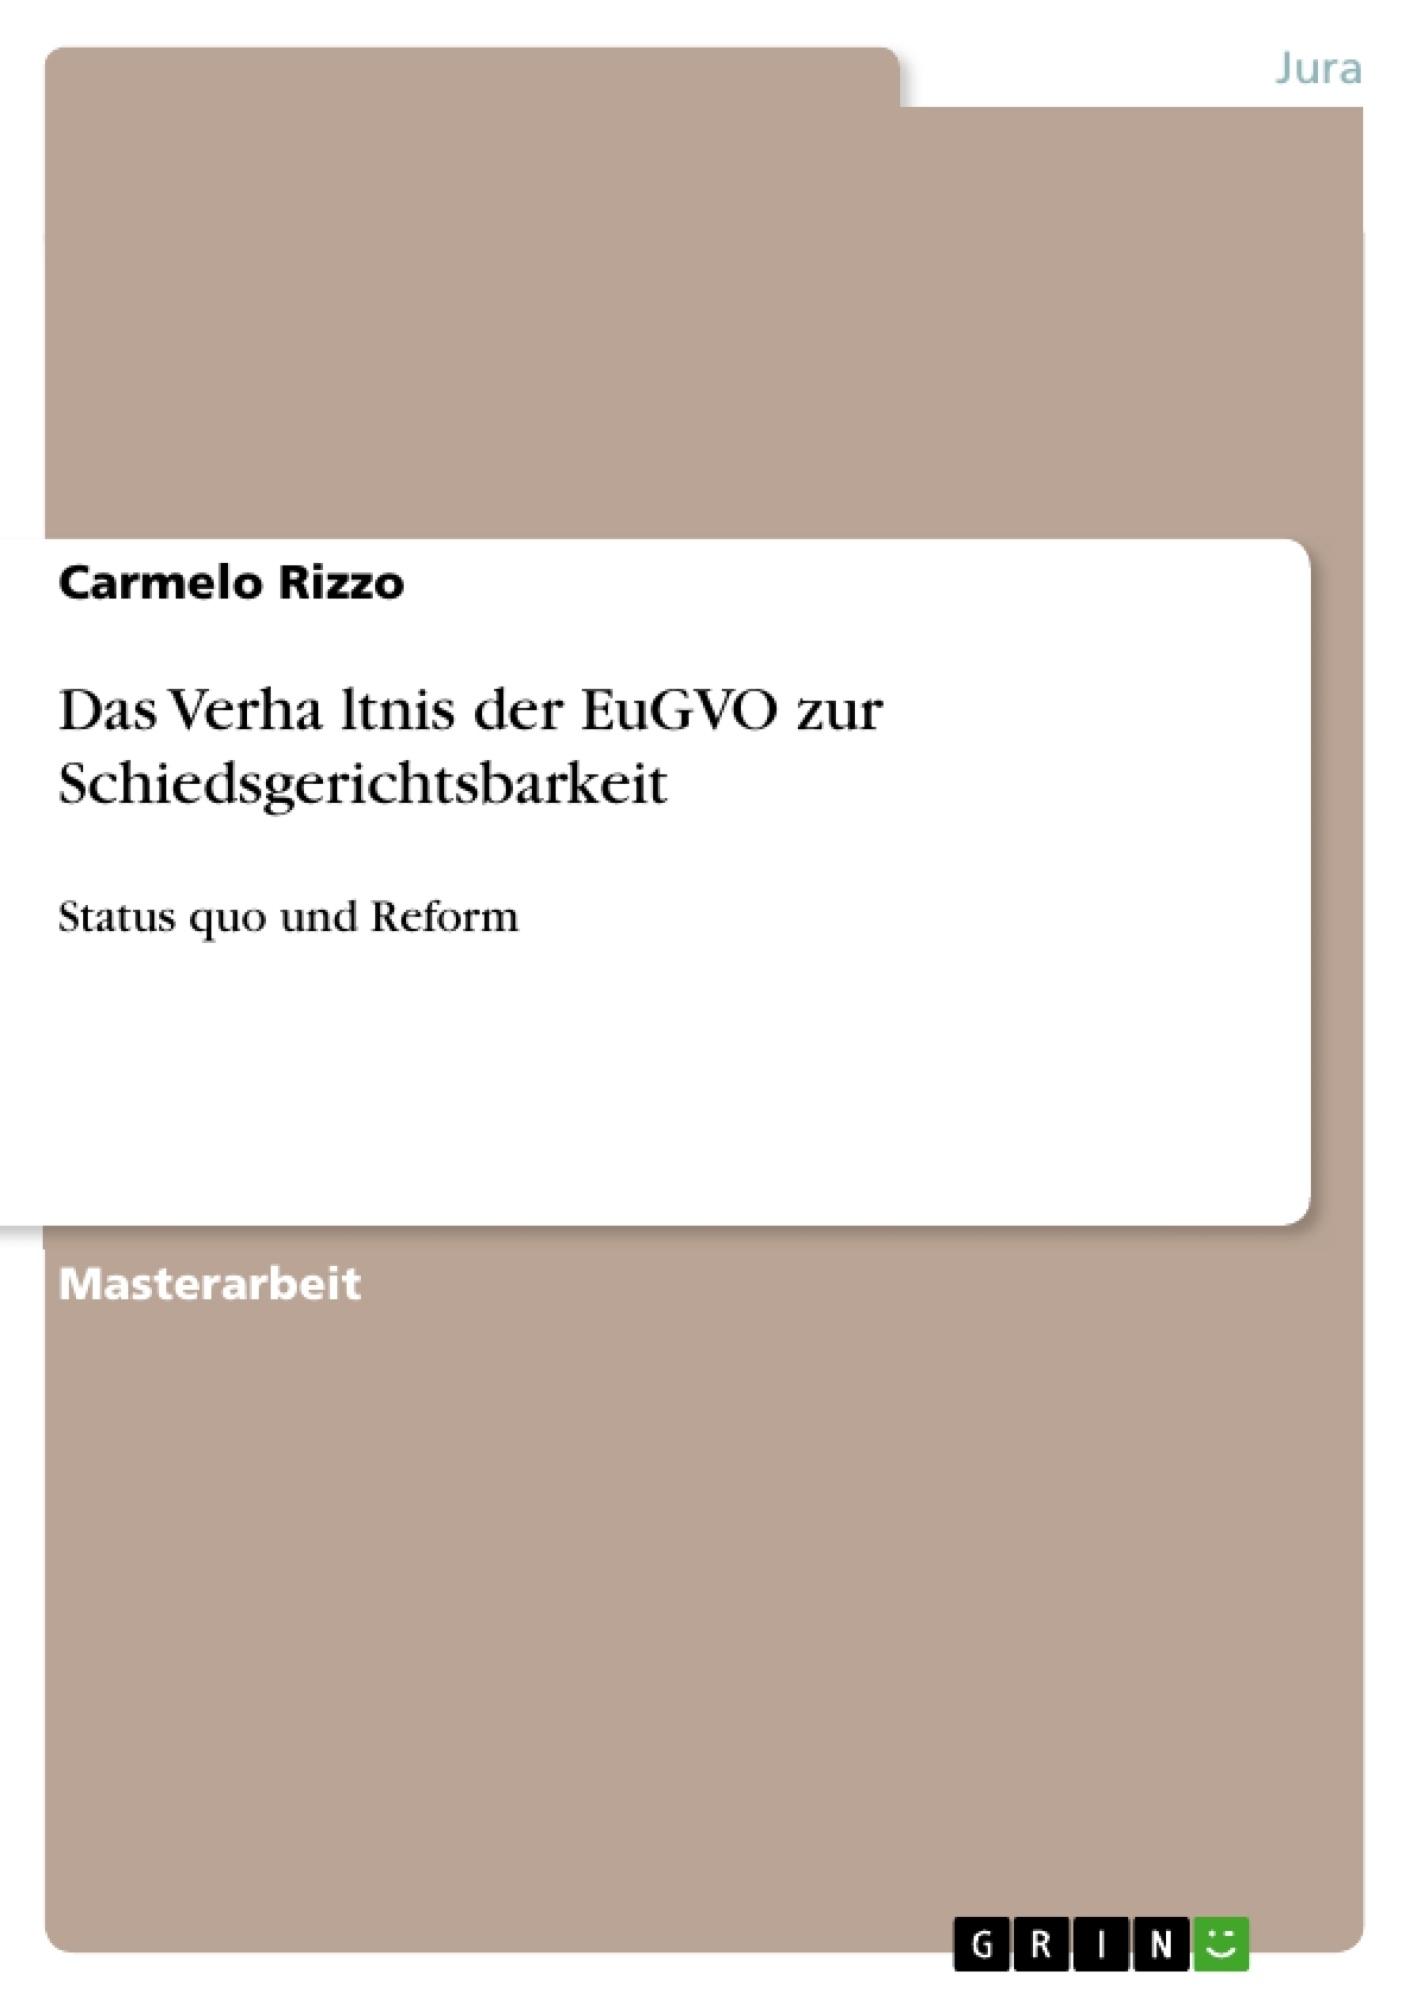 Titel: Das Verhältnis der EuGVO zur Schiedsgerichtsbarkeit